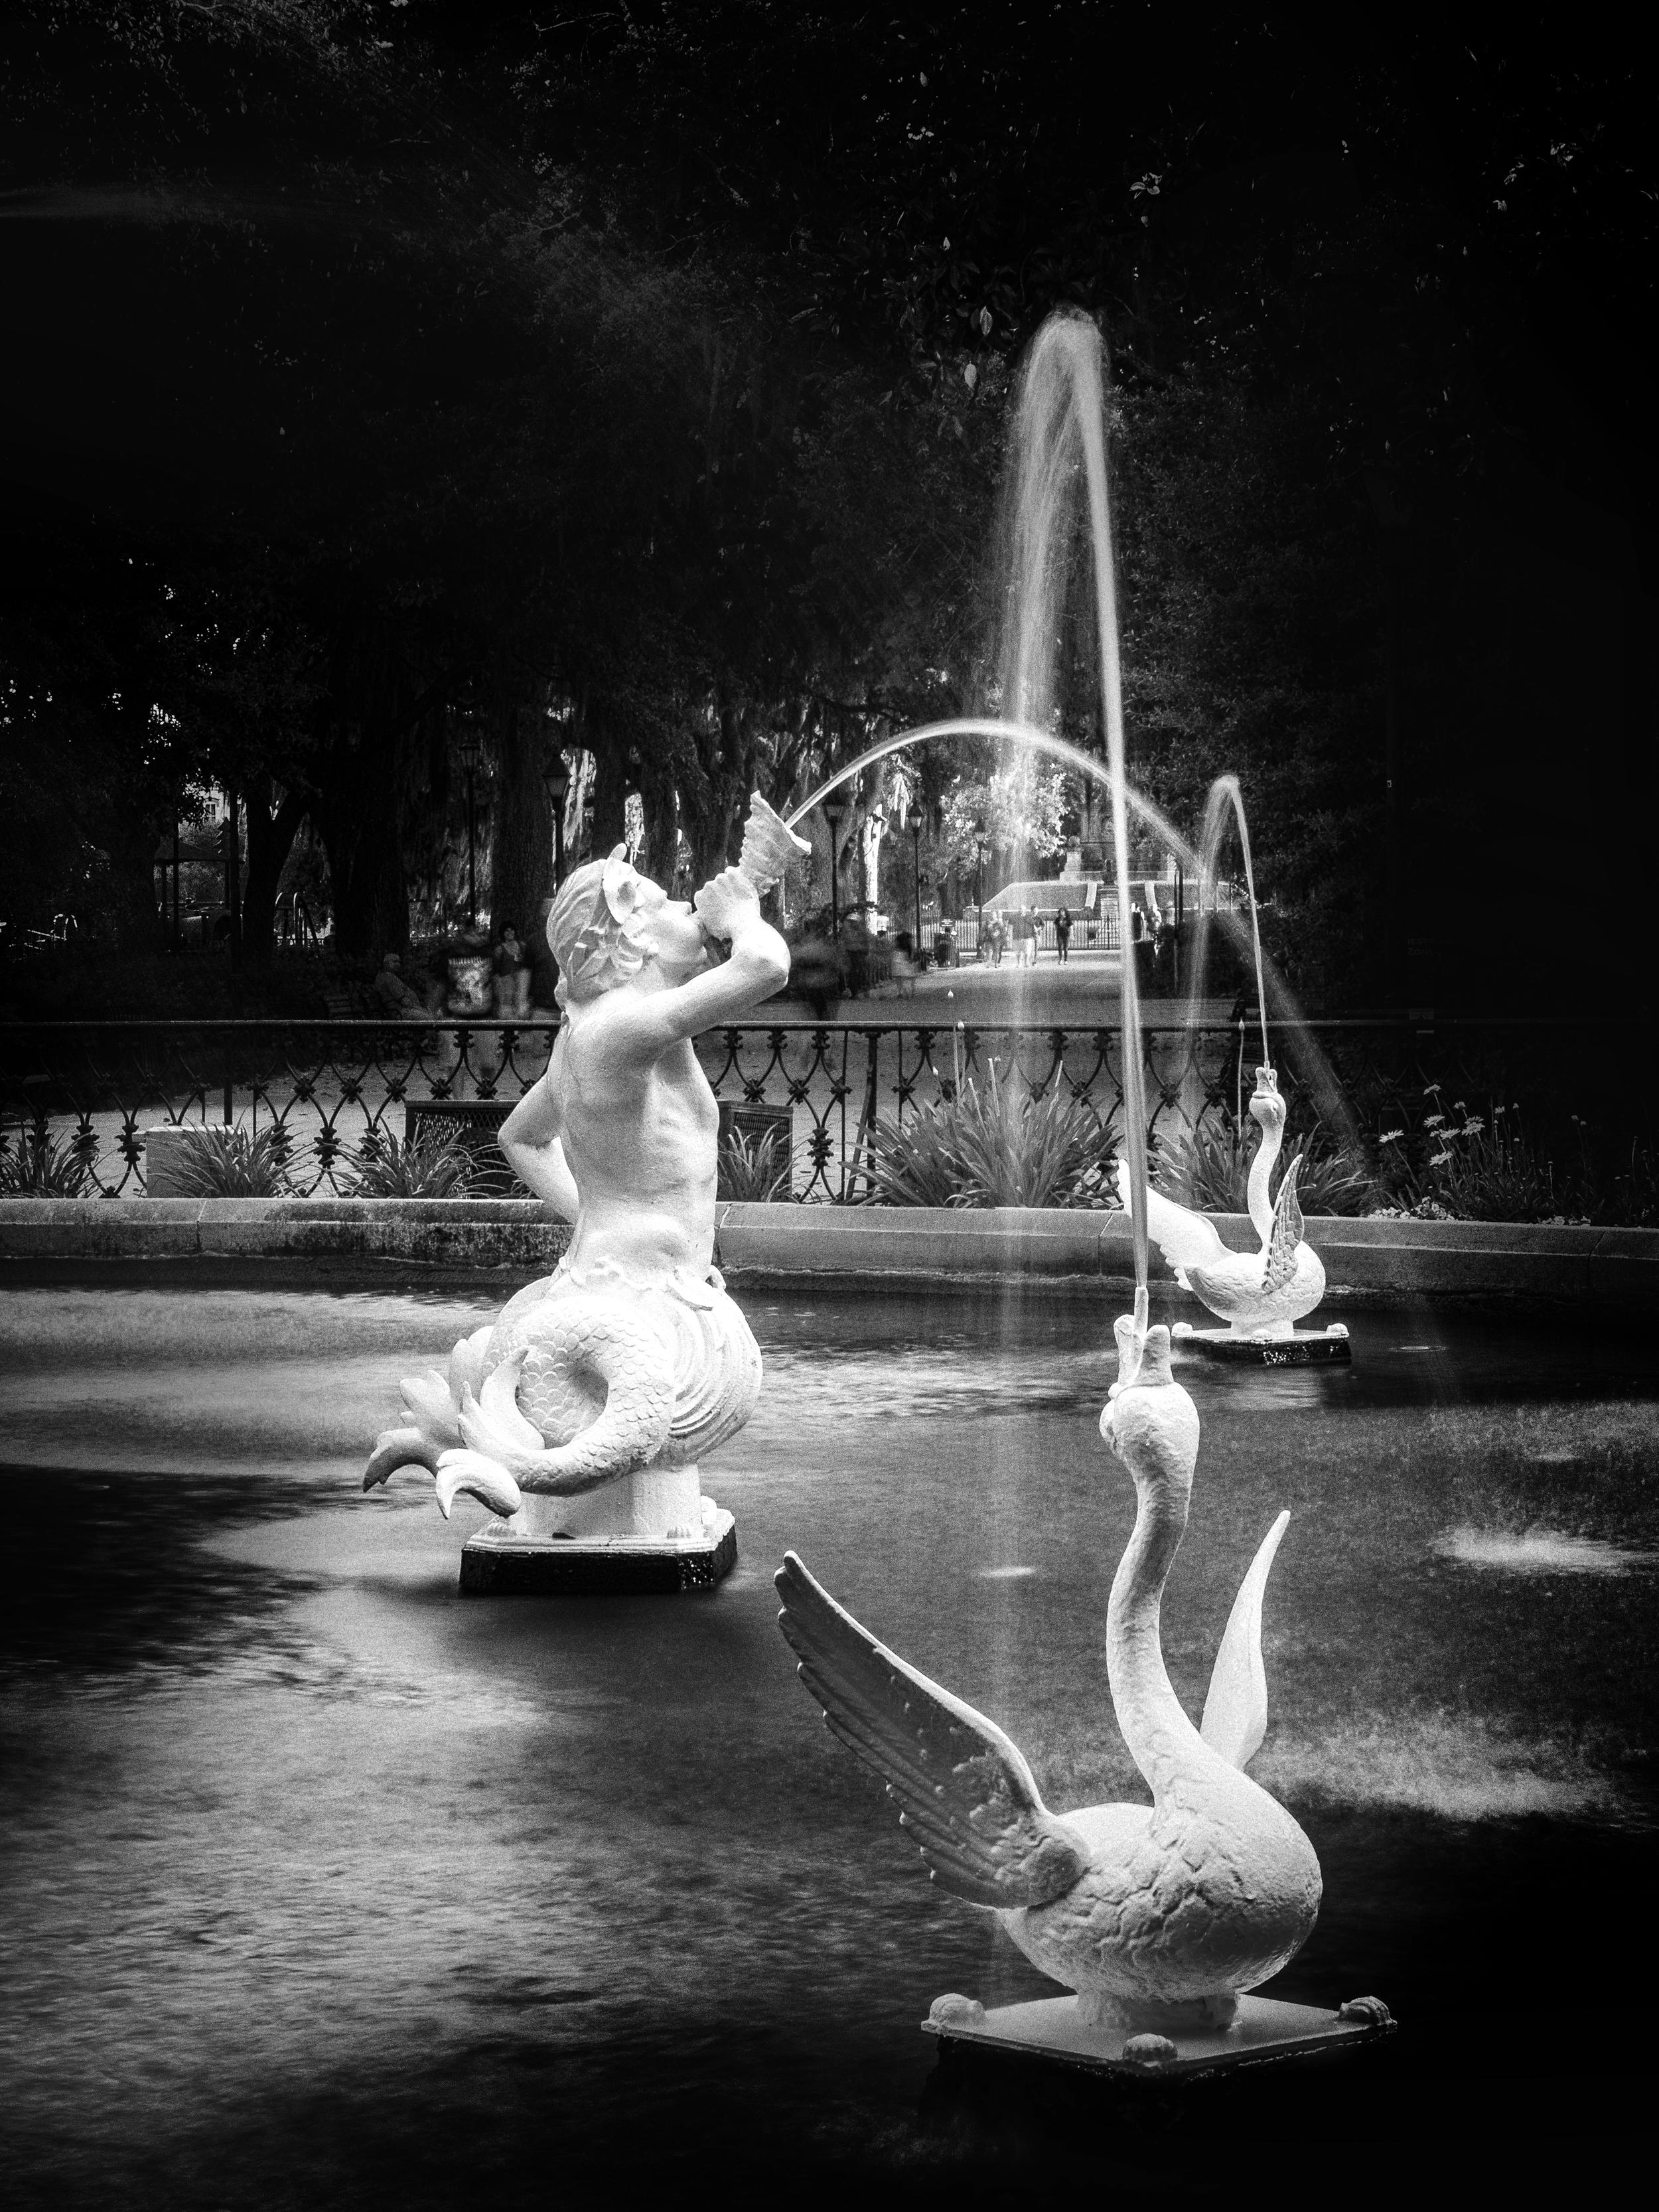 forsyth park fountain 3.jpg